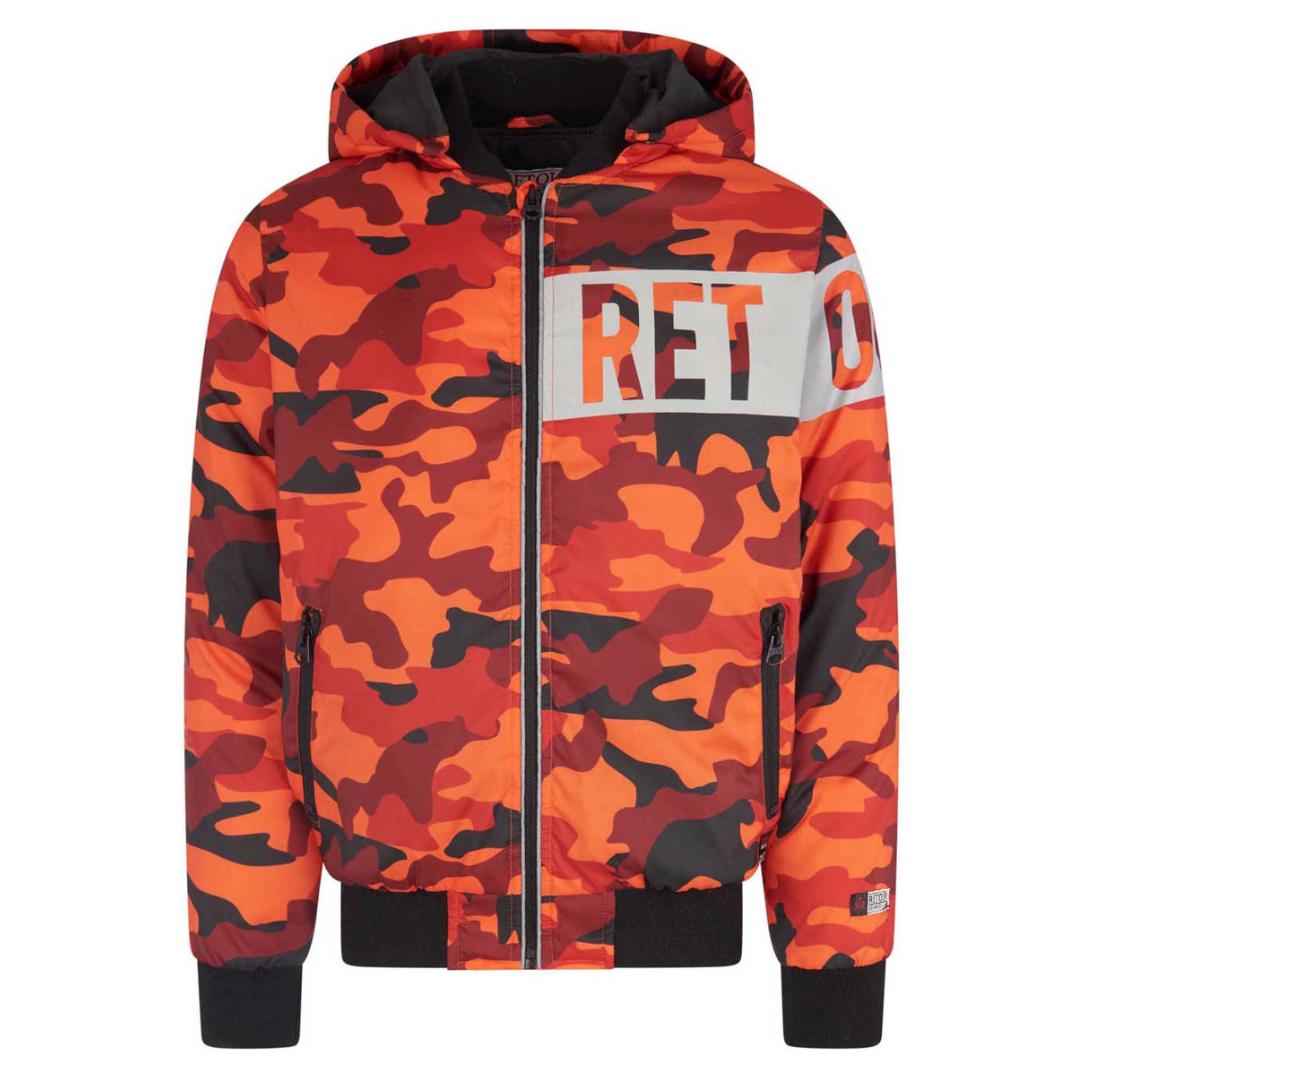 6x oranje items die wél leuk zijn om te dragen op Koningsdag.